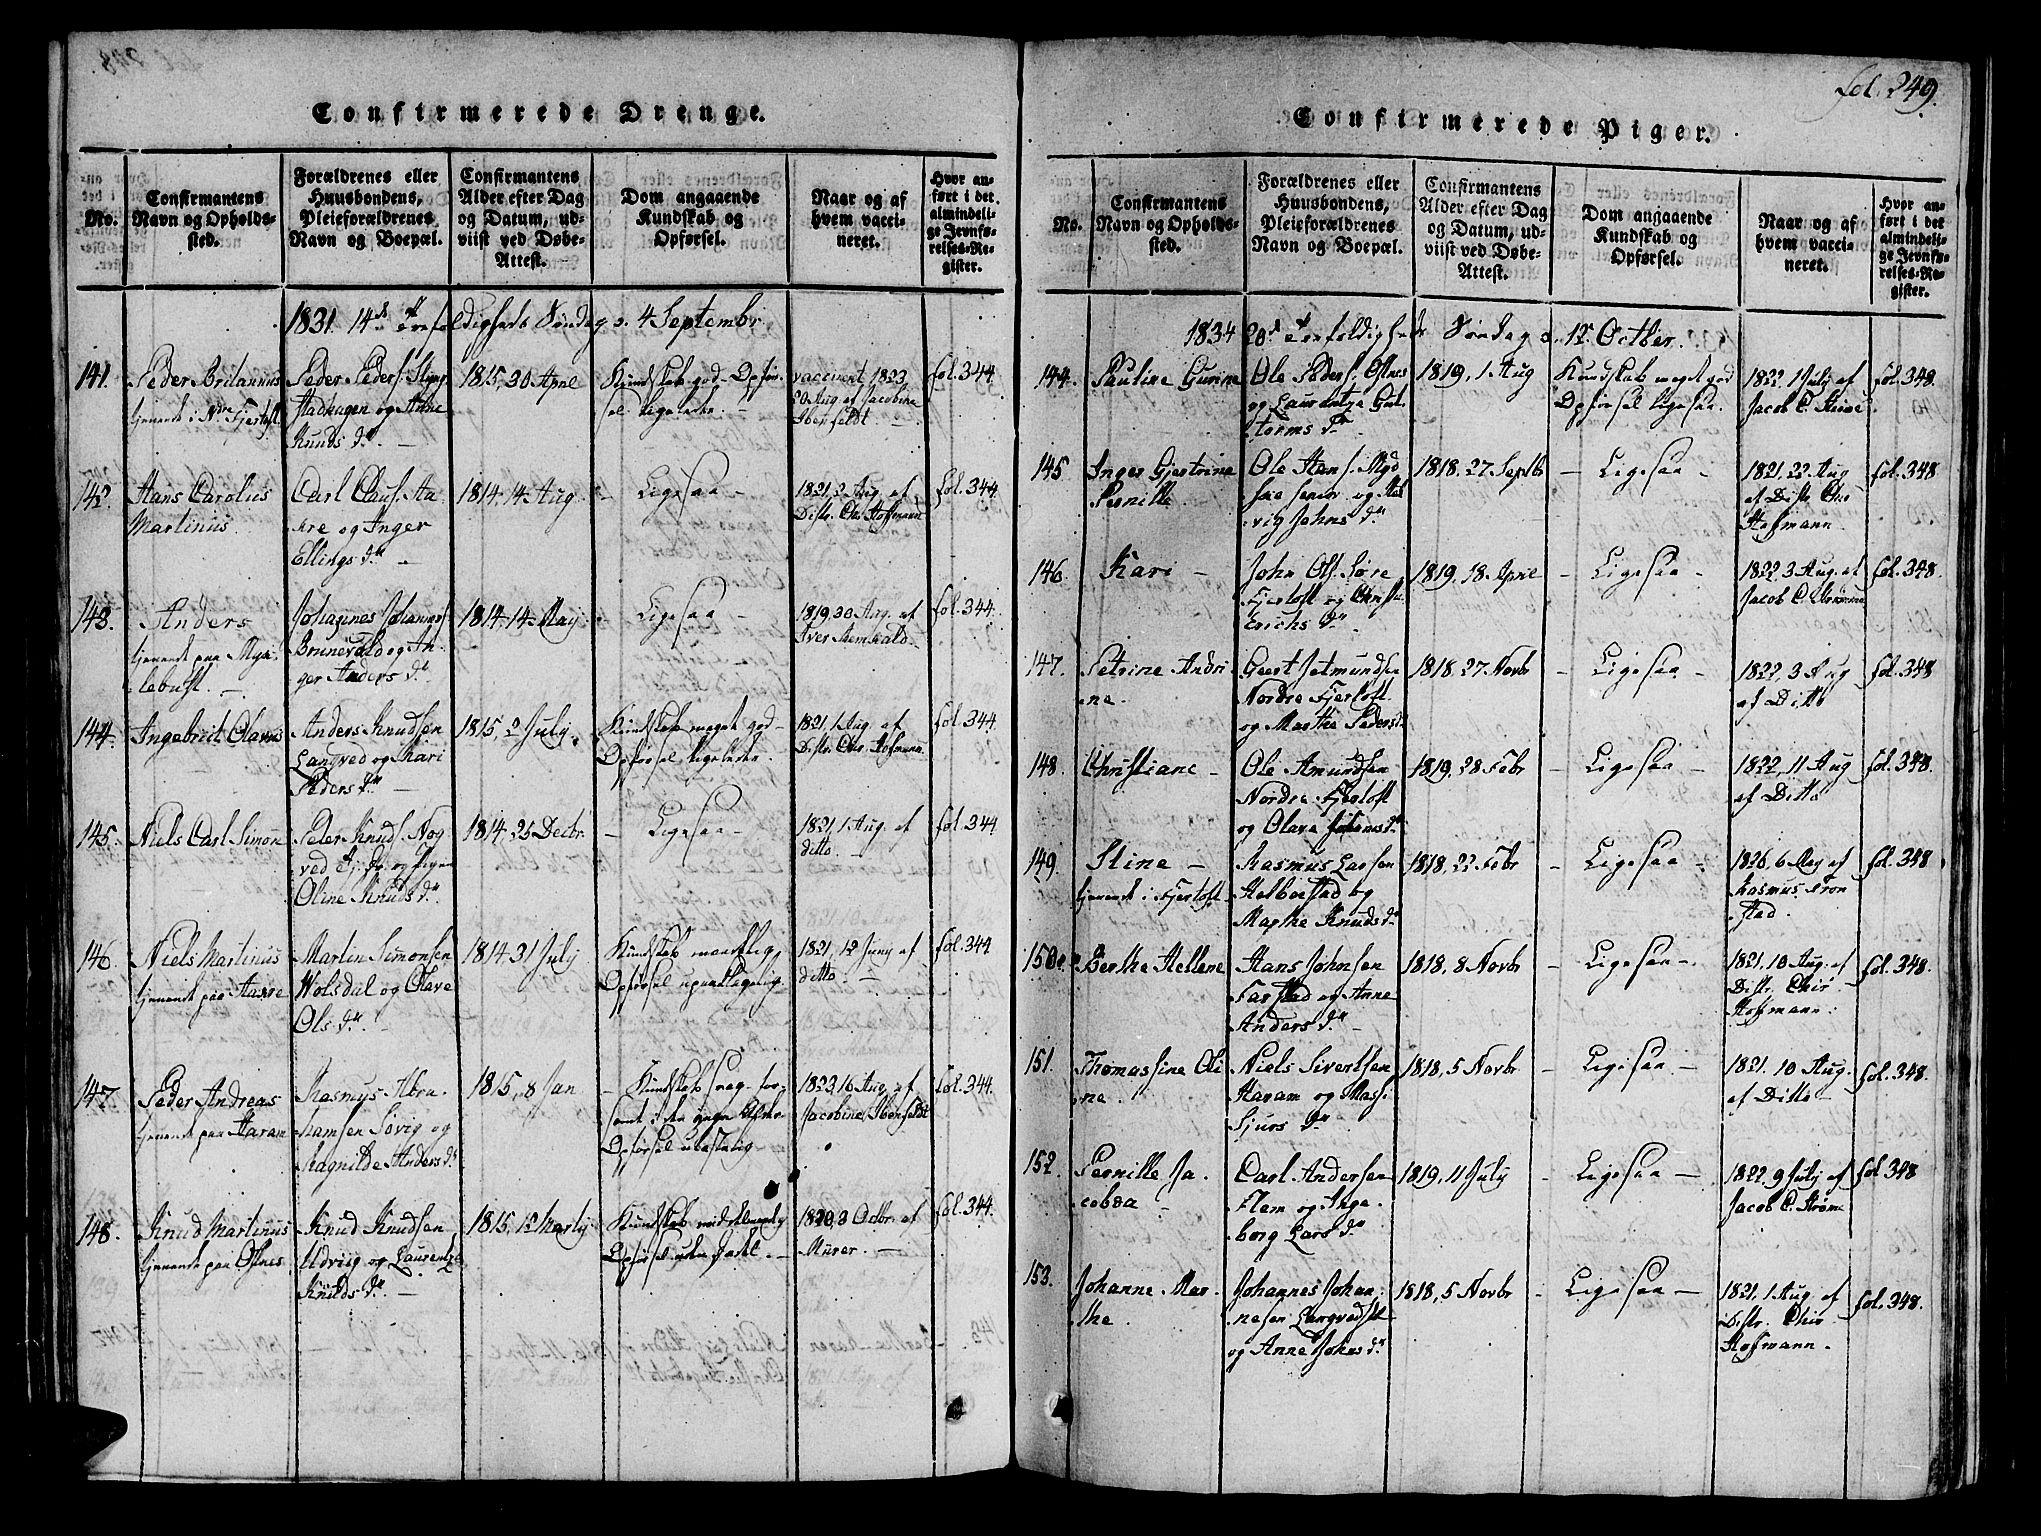 SAT, Ministerialprotokoller, klokkerbøker og fødselsregistre - Møre og Romsdal, 536/L0495: Ministerialbok nr. 536A04, 1818-1847, s. 249